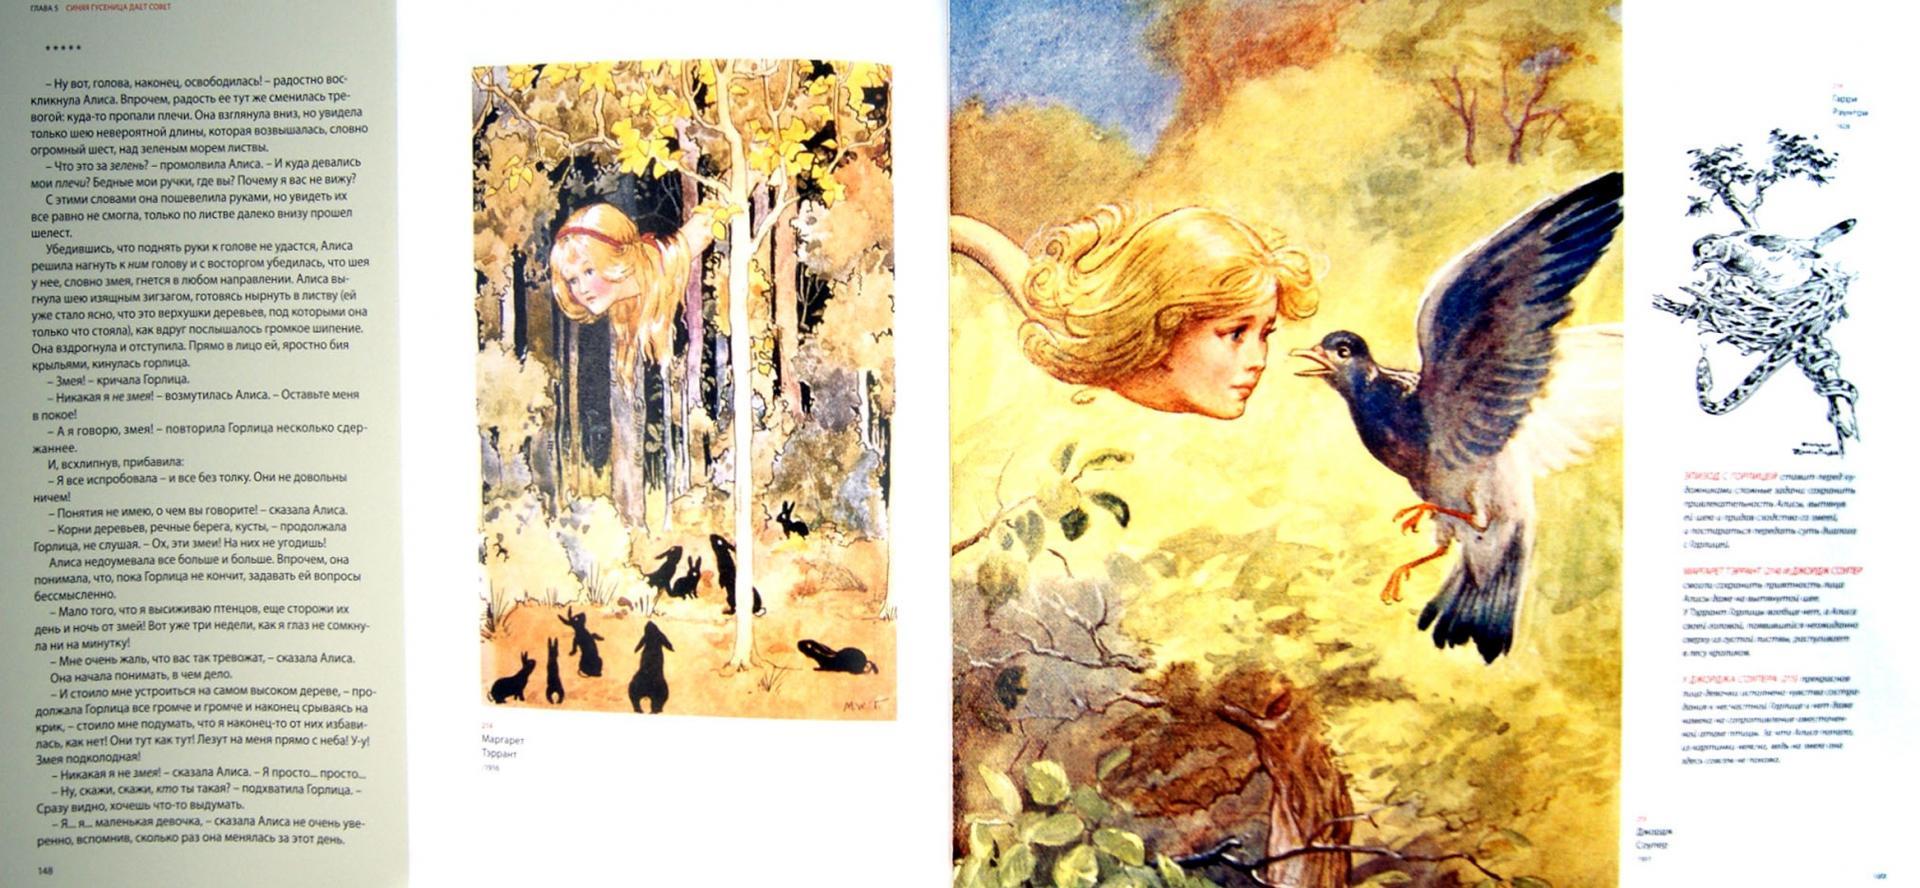 Иллюстрация 1 из 35 для Алиса в Стране чудес. В Стране чудес Алисы. Книга-альбом - Льюис Кэрролл | Лабиринт - книги. Источник: Лабиринт